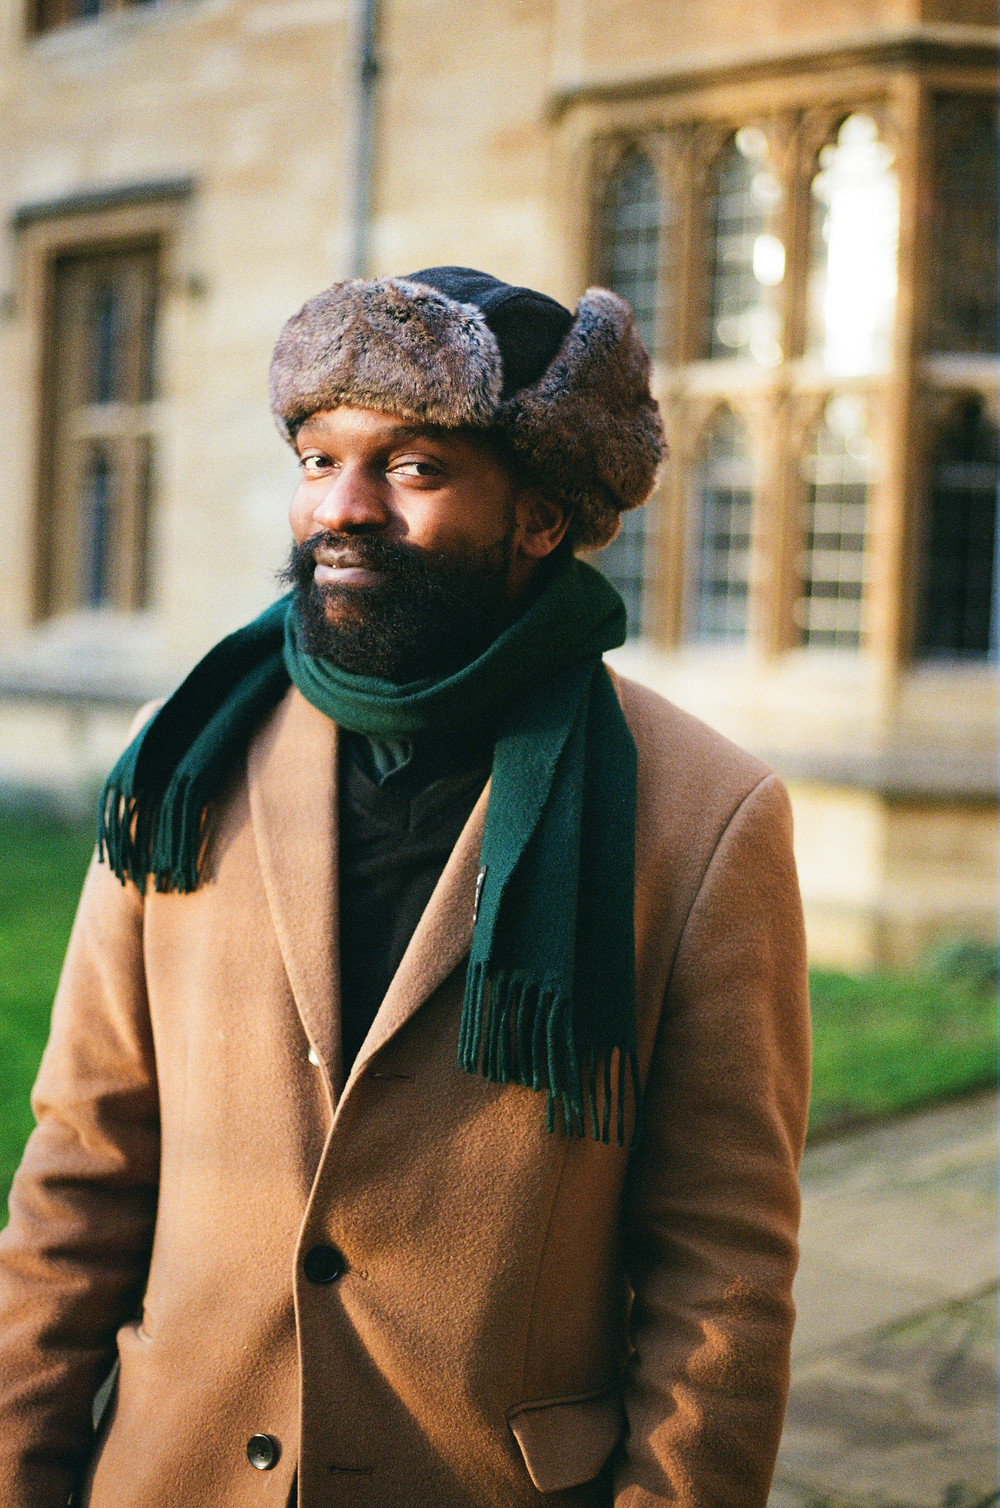 Samson Kambalu by @filmluar